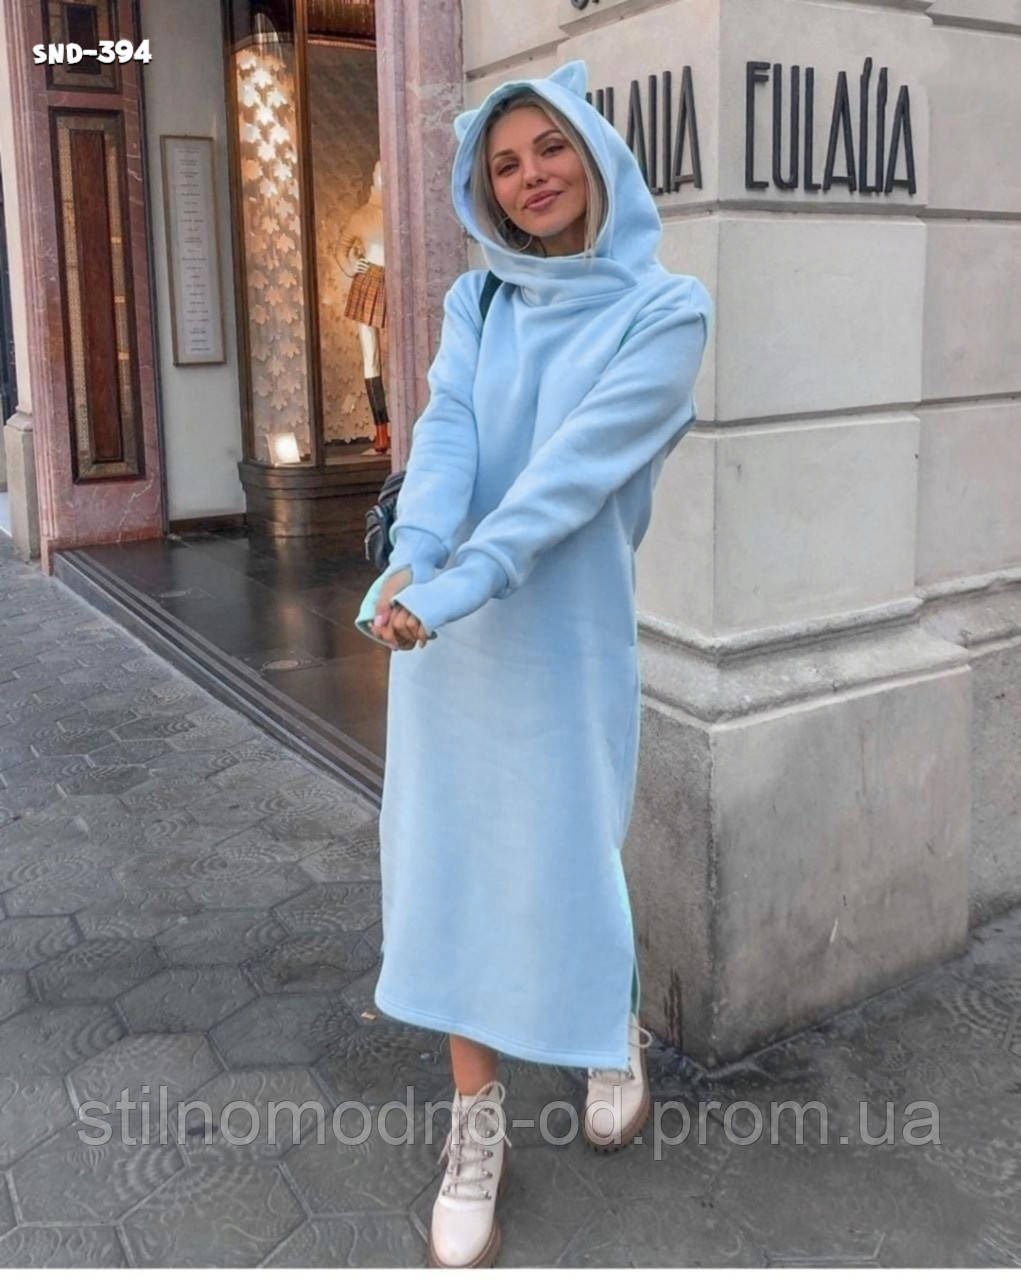 Тепле плаття з вушками від СтильноМодно